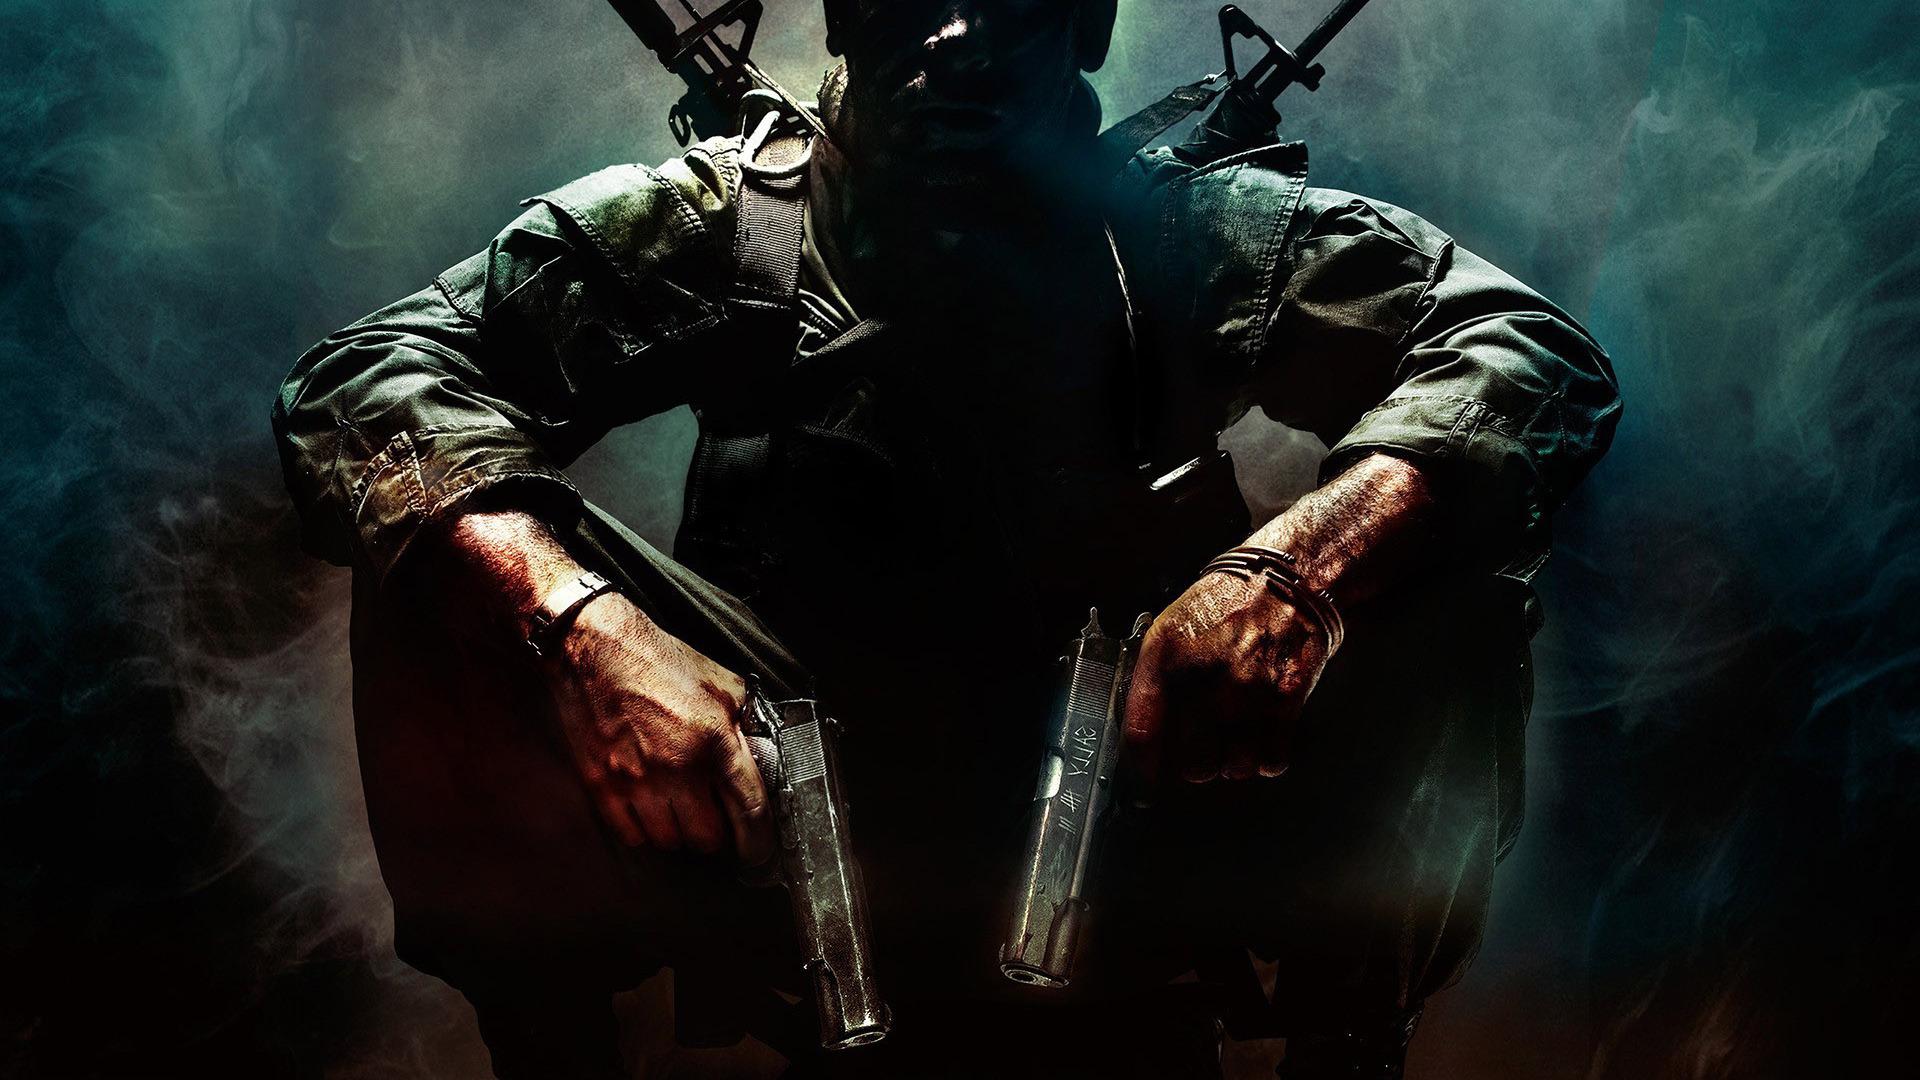 50 Black Ops 1 Wallpaper On Wallpapersafari